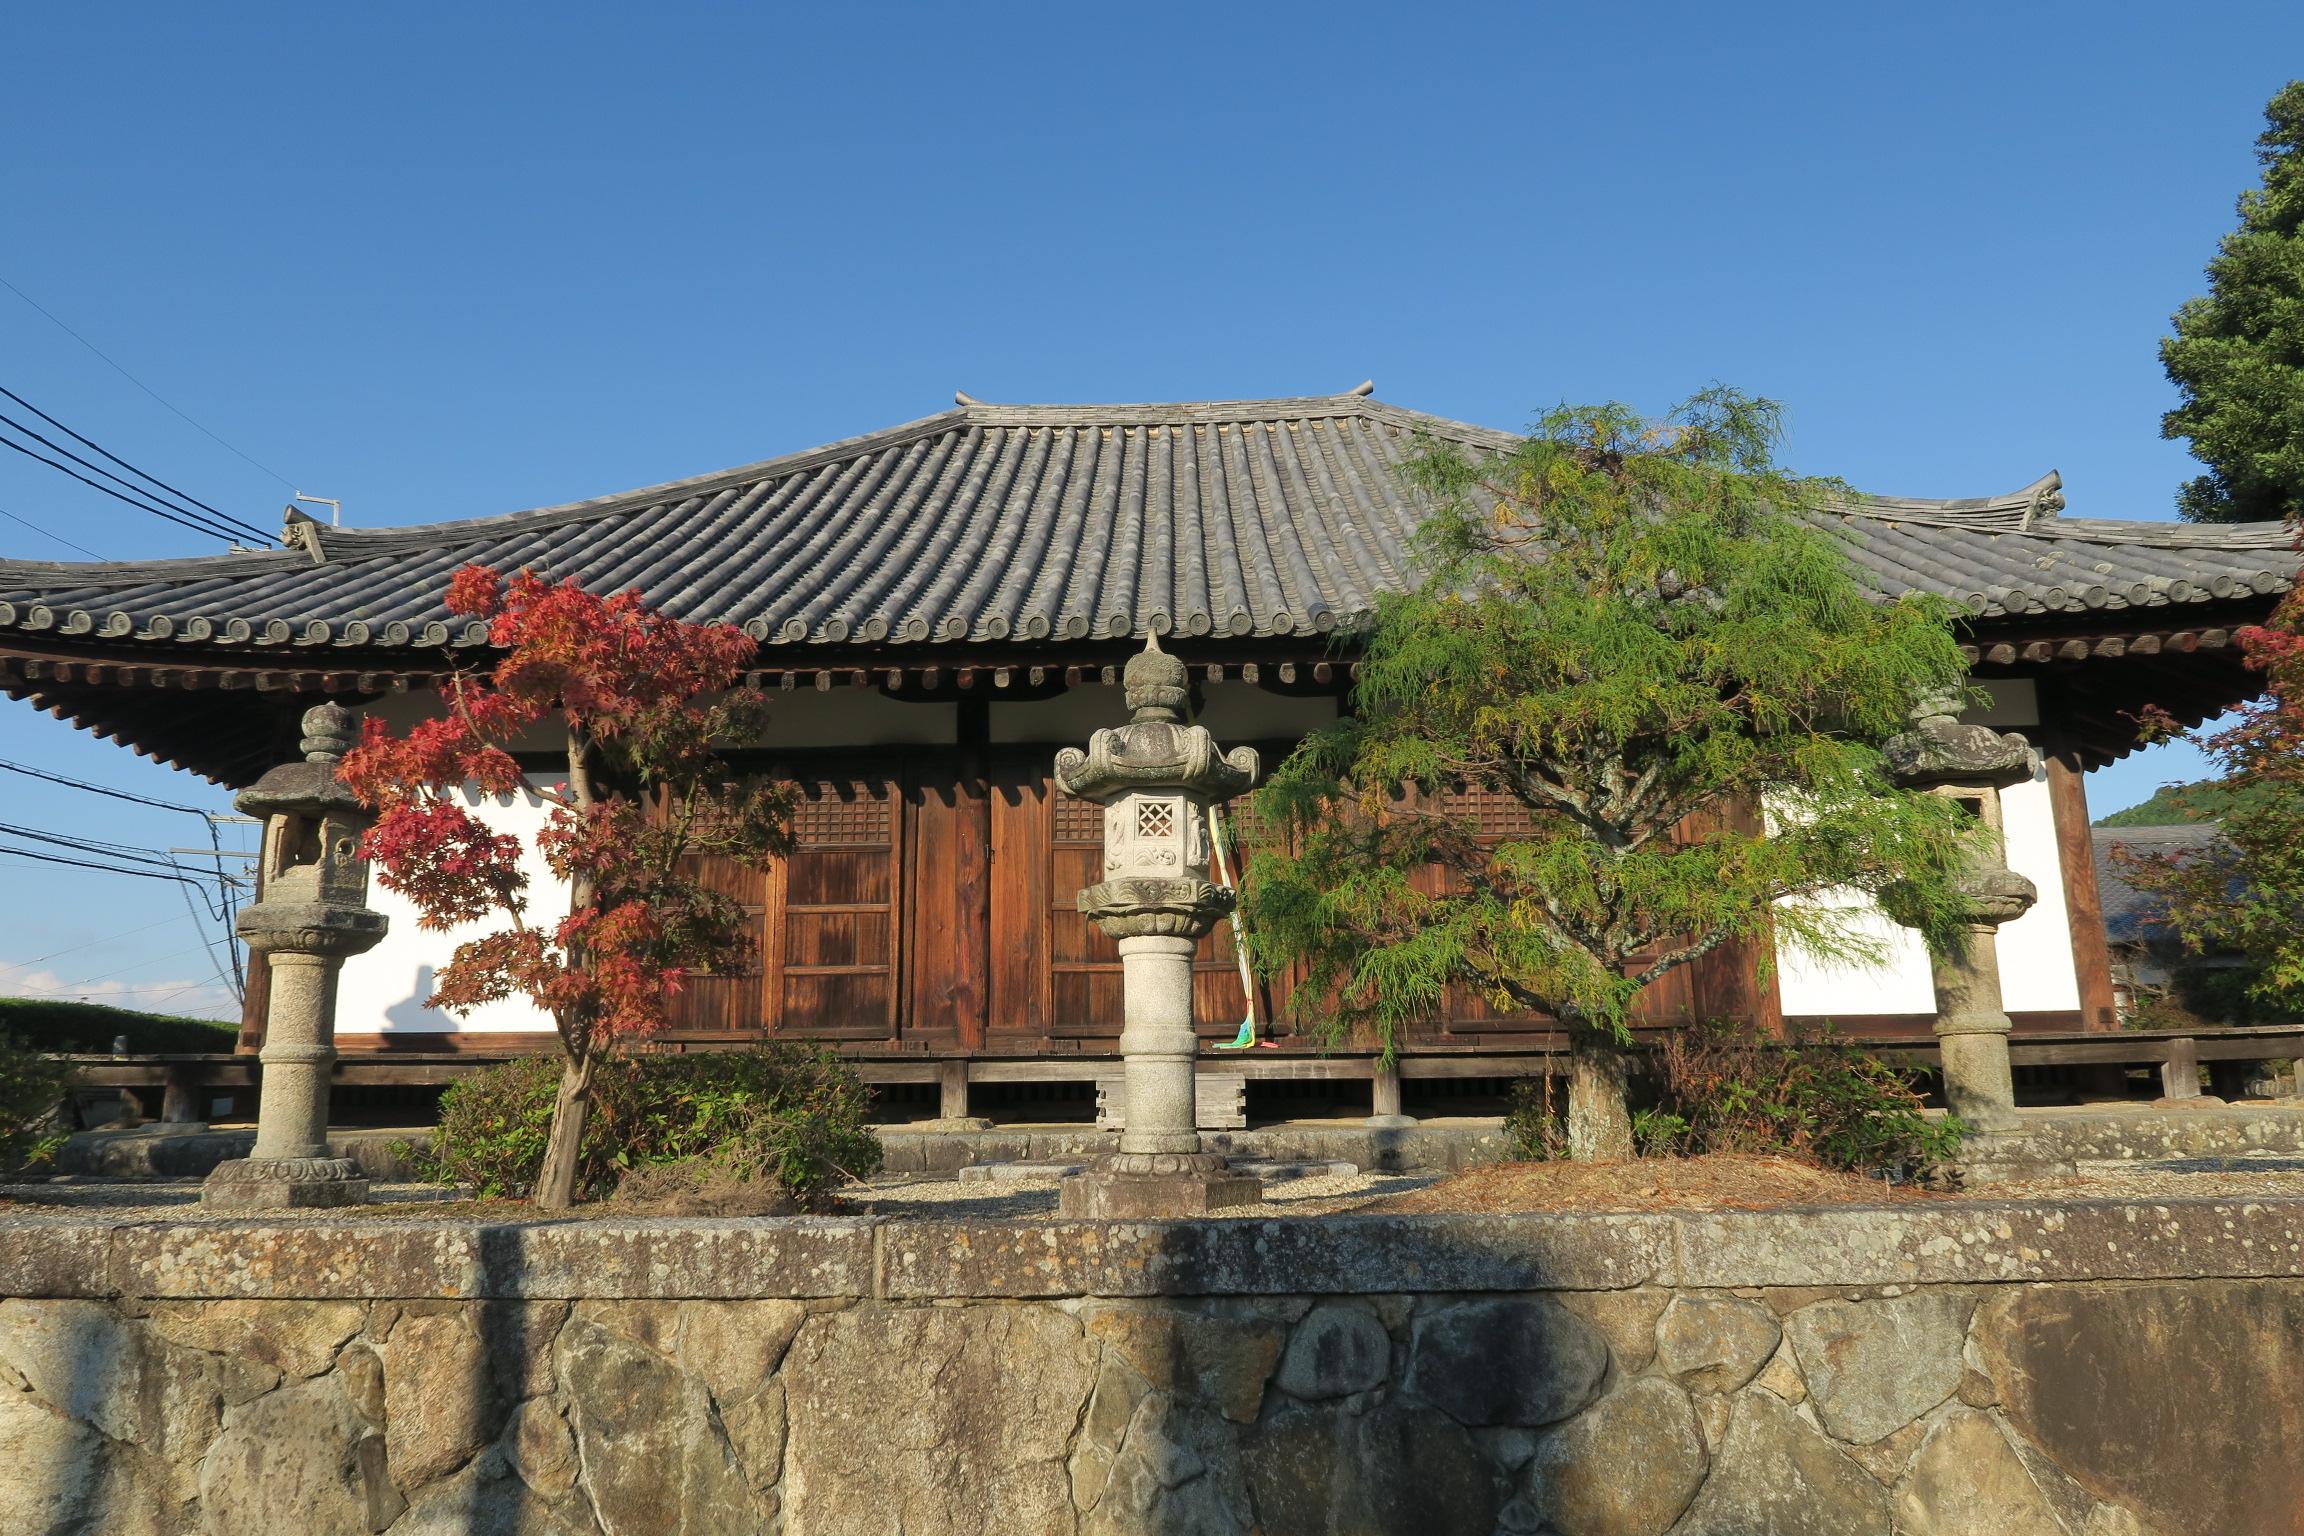 拝観には事前予約が必要で、入れませんでした。本堂には薬師如来像など多くの仏像を安置しています。